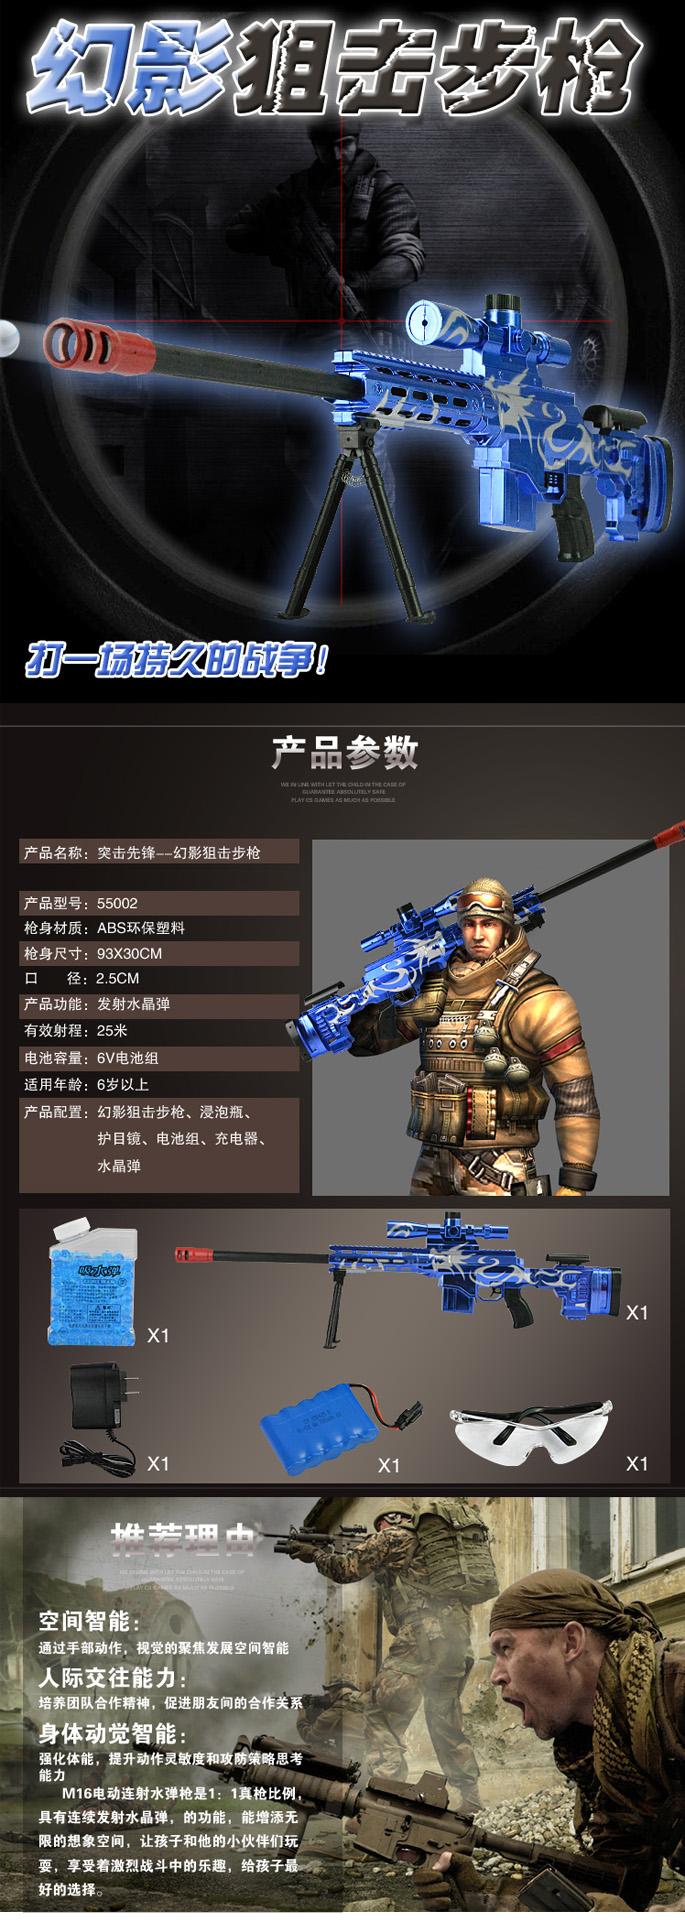 狙擊槍詳情頁